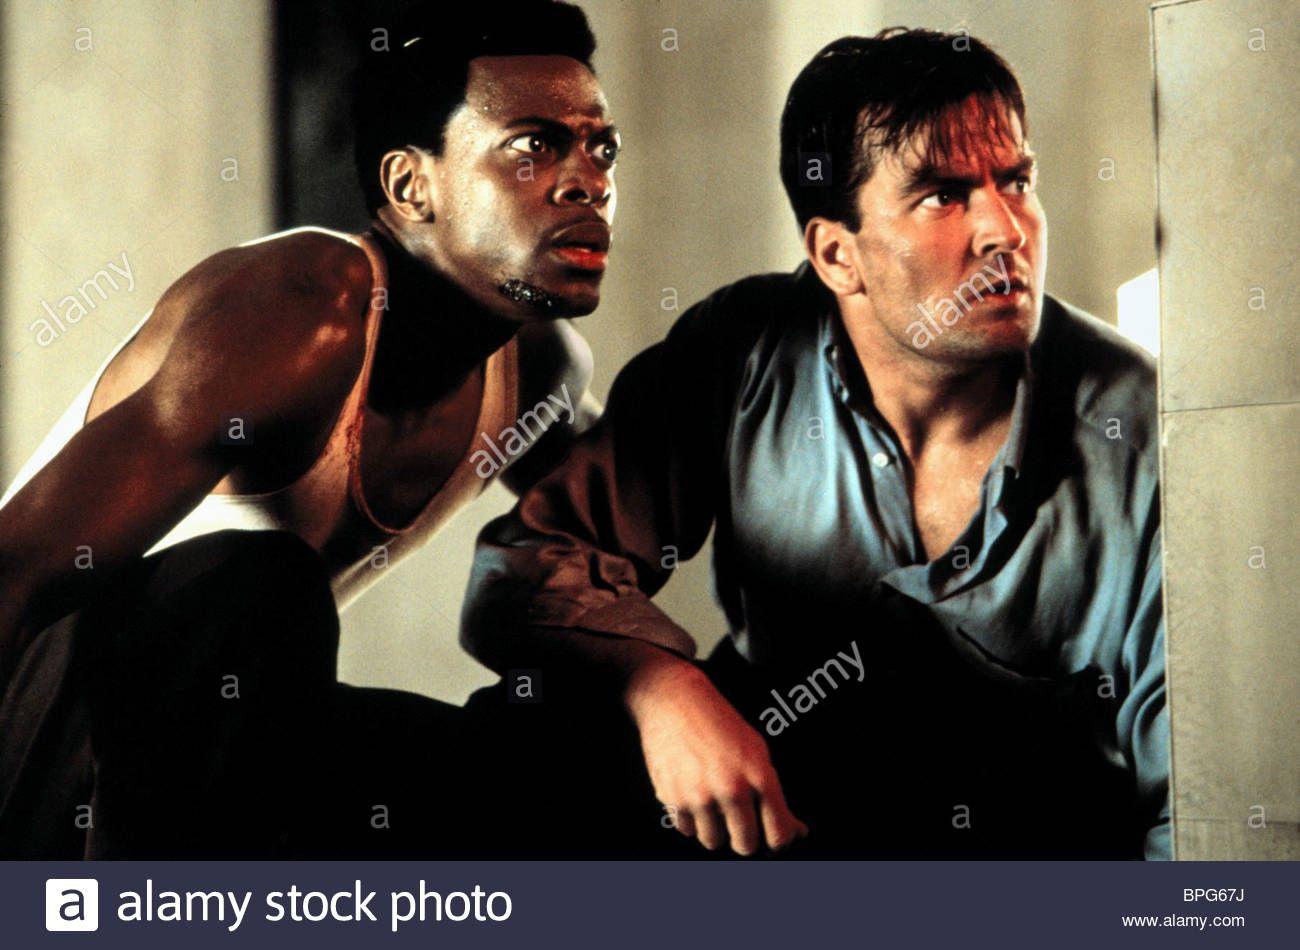 CHRIS TUCKER & CHARLIE SHEEN MONEY TALKS (1997) Stock Photo